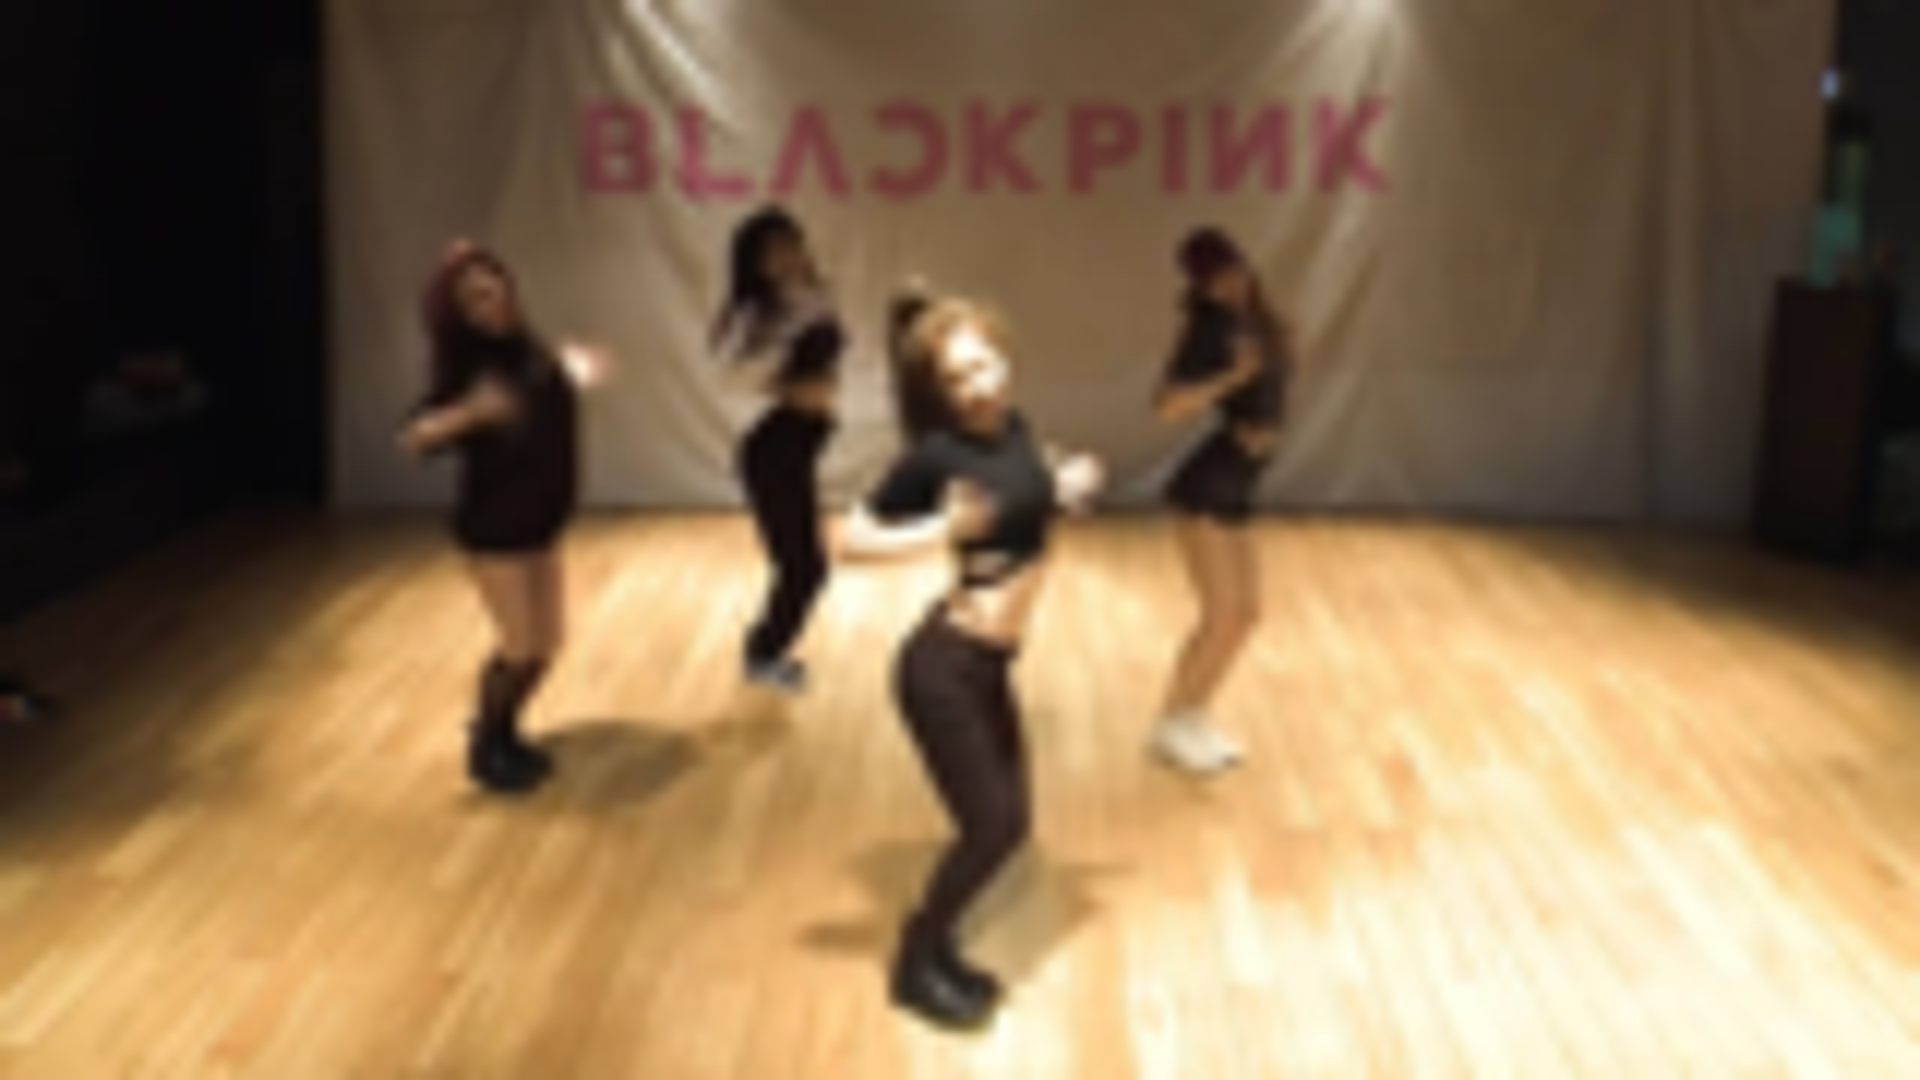 【日韩娱乐】BLACKPINK - AS IF IT S YOUR LAST 舞蹈练习室